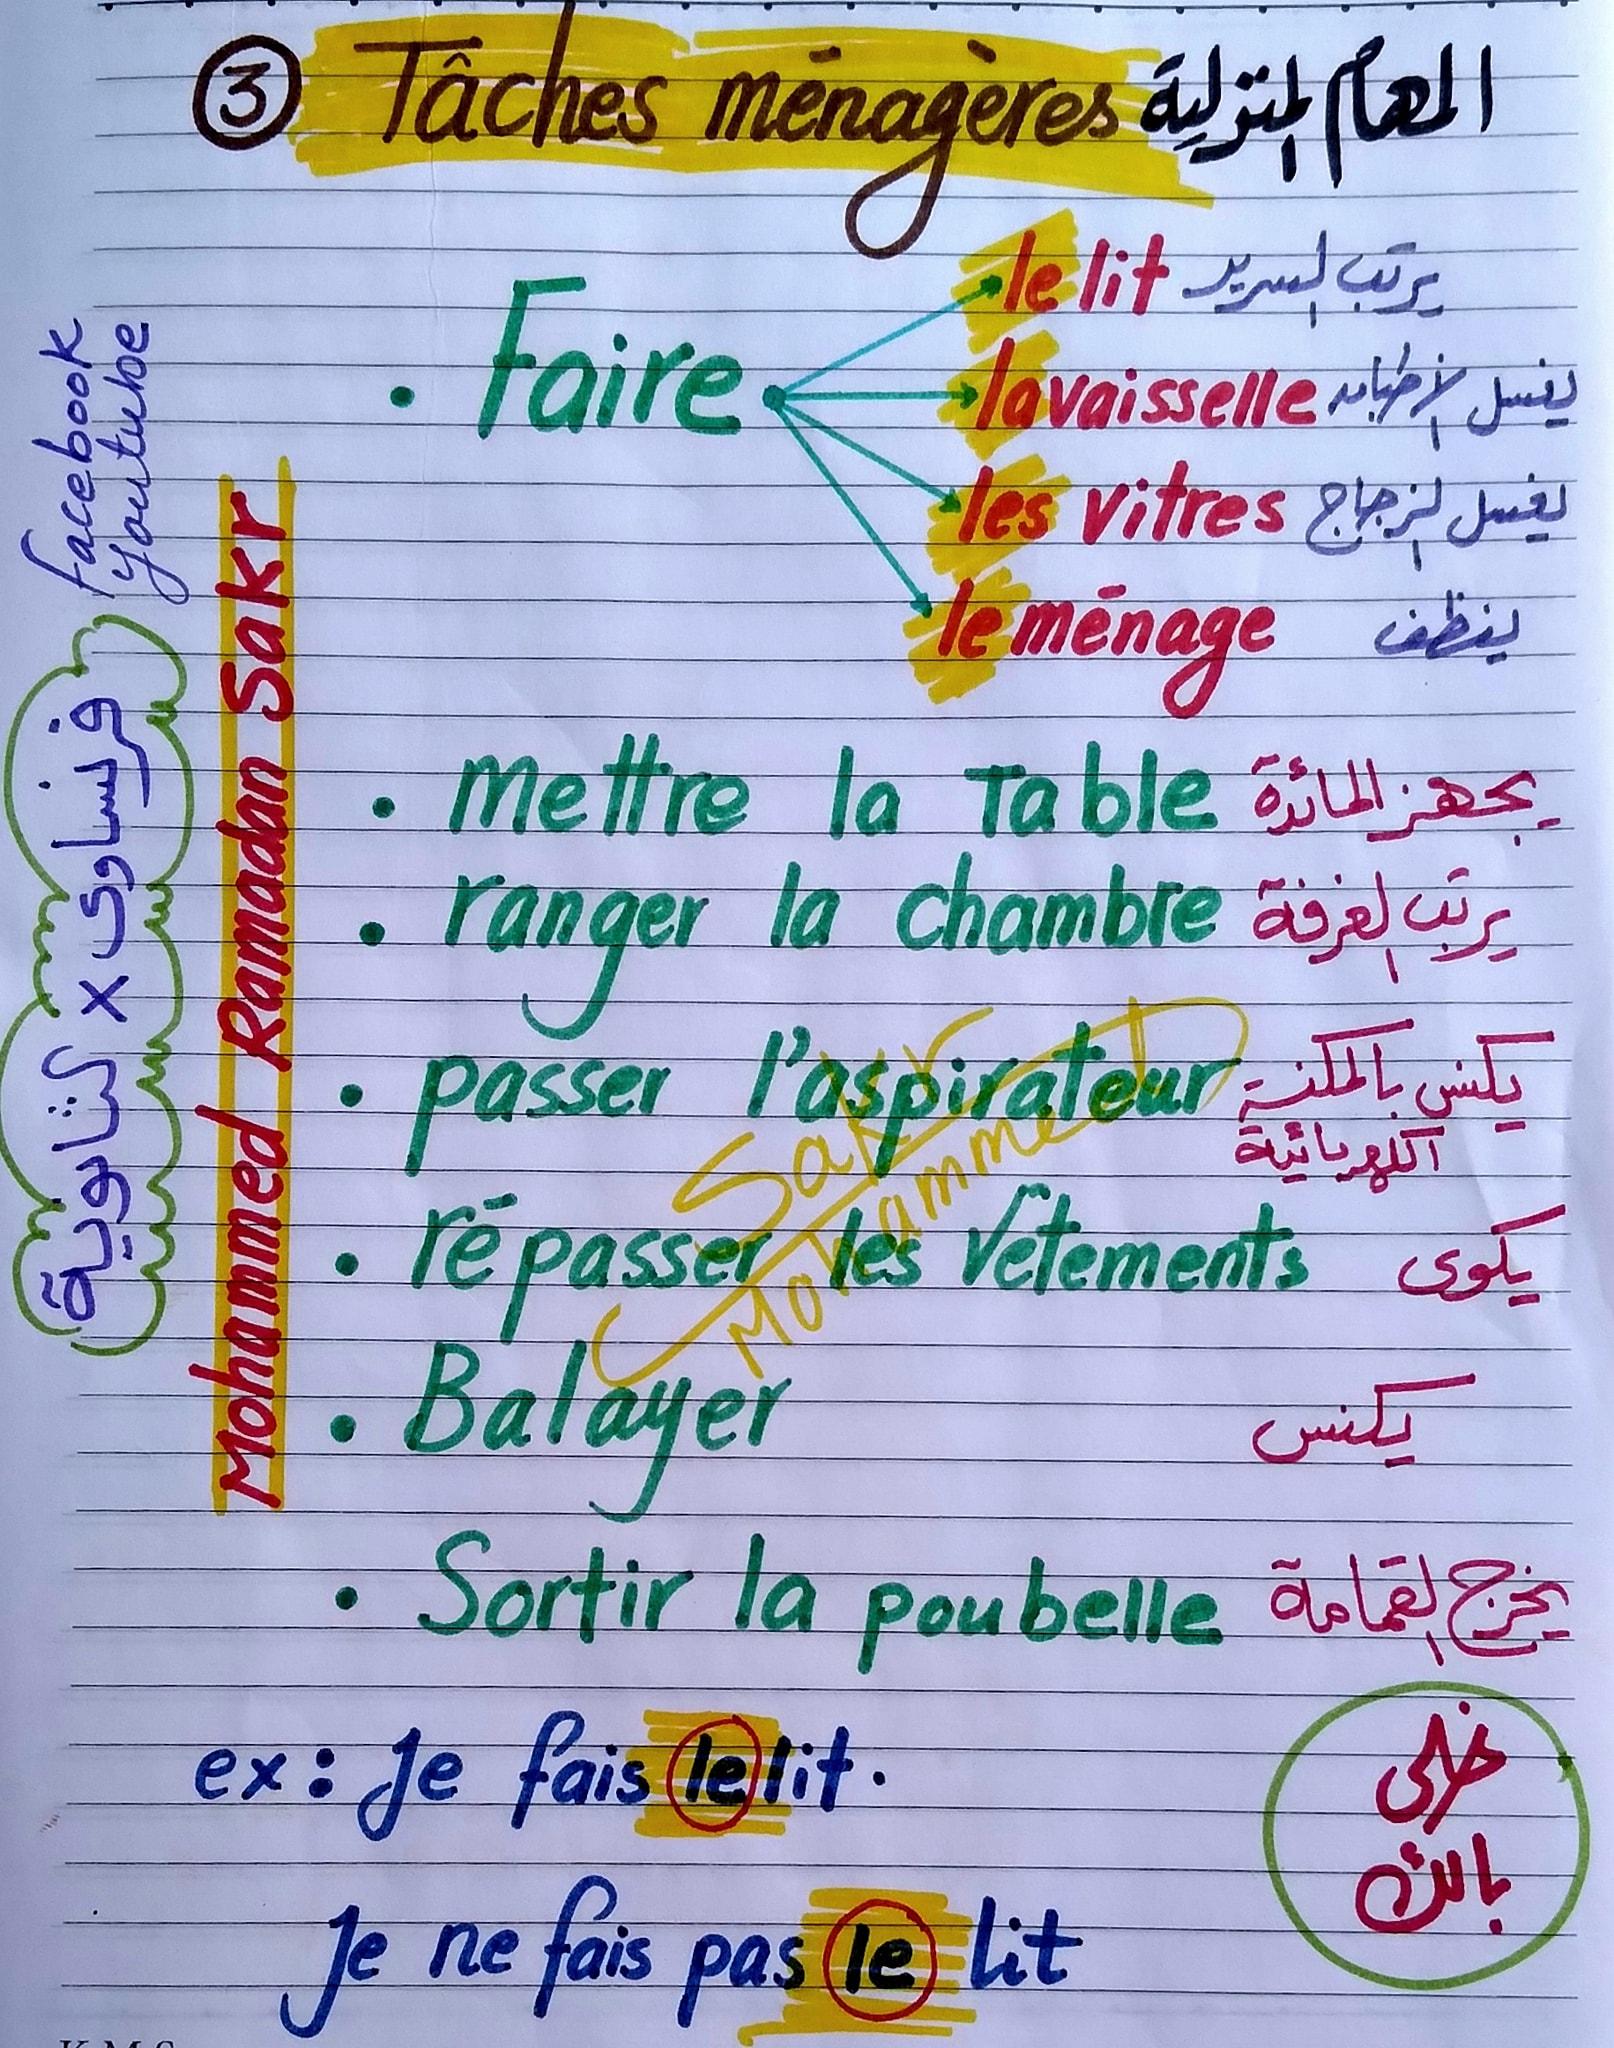 مراجعة لغة فرنسية للصف الثانى الثانوى ترم ثاني مسيو محمد رمضان 3